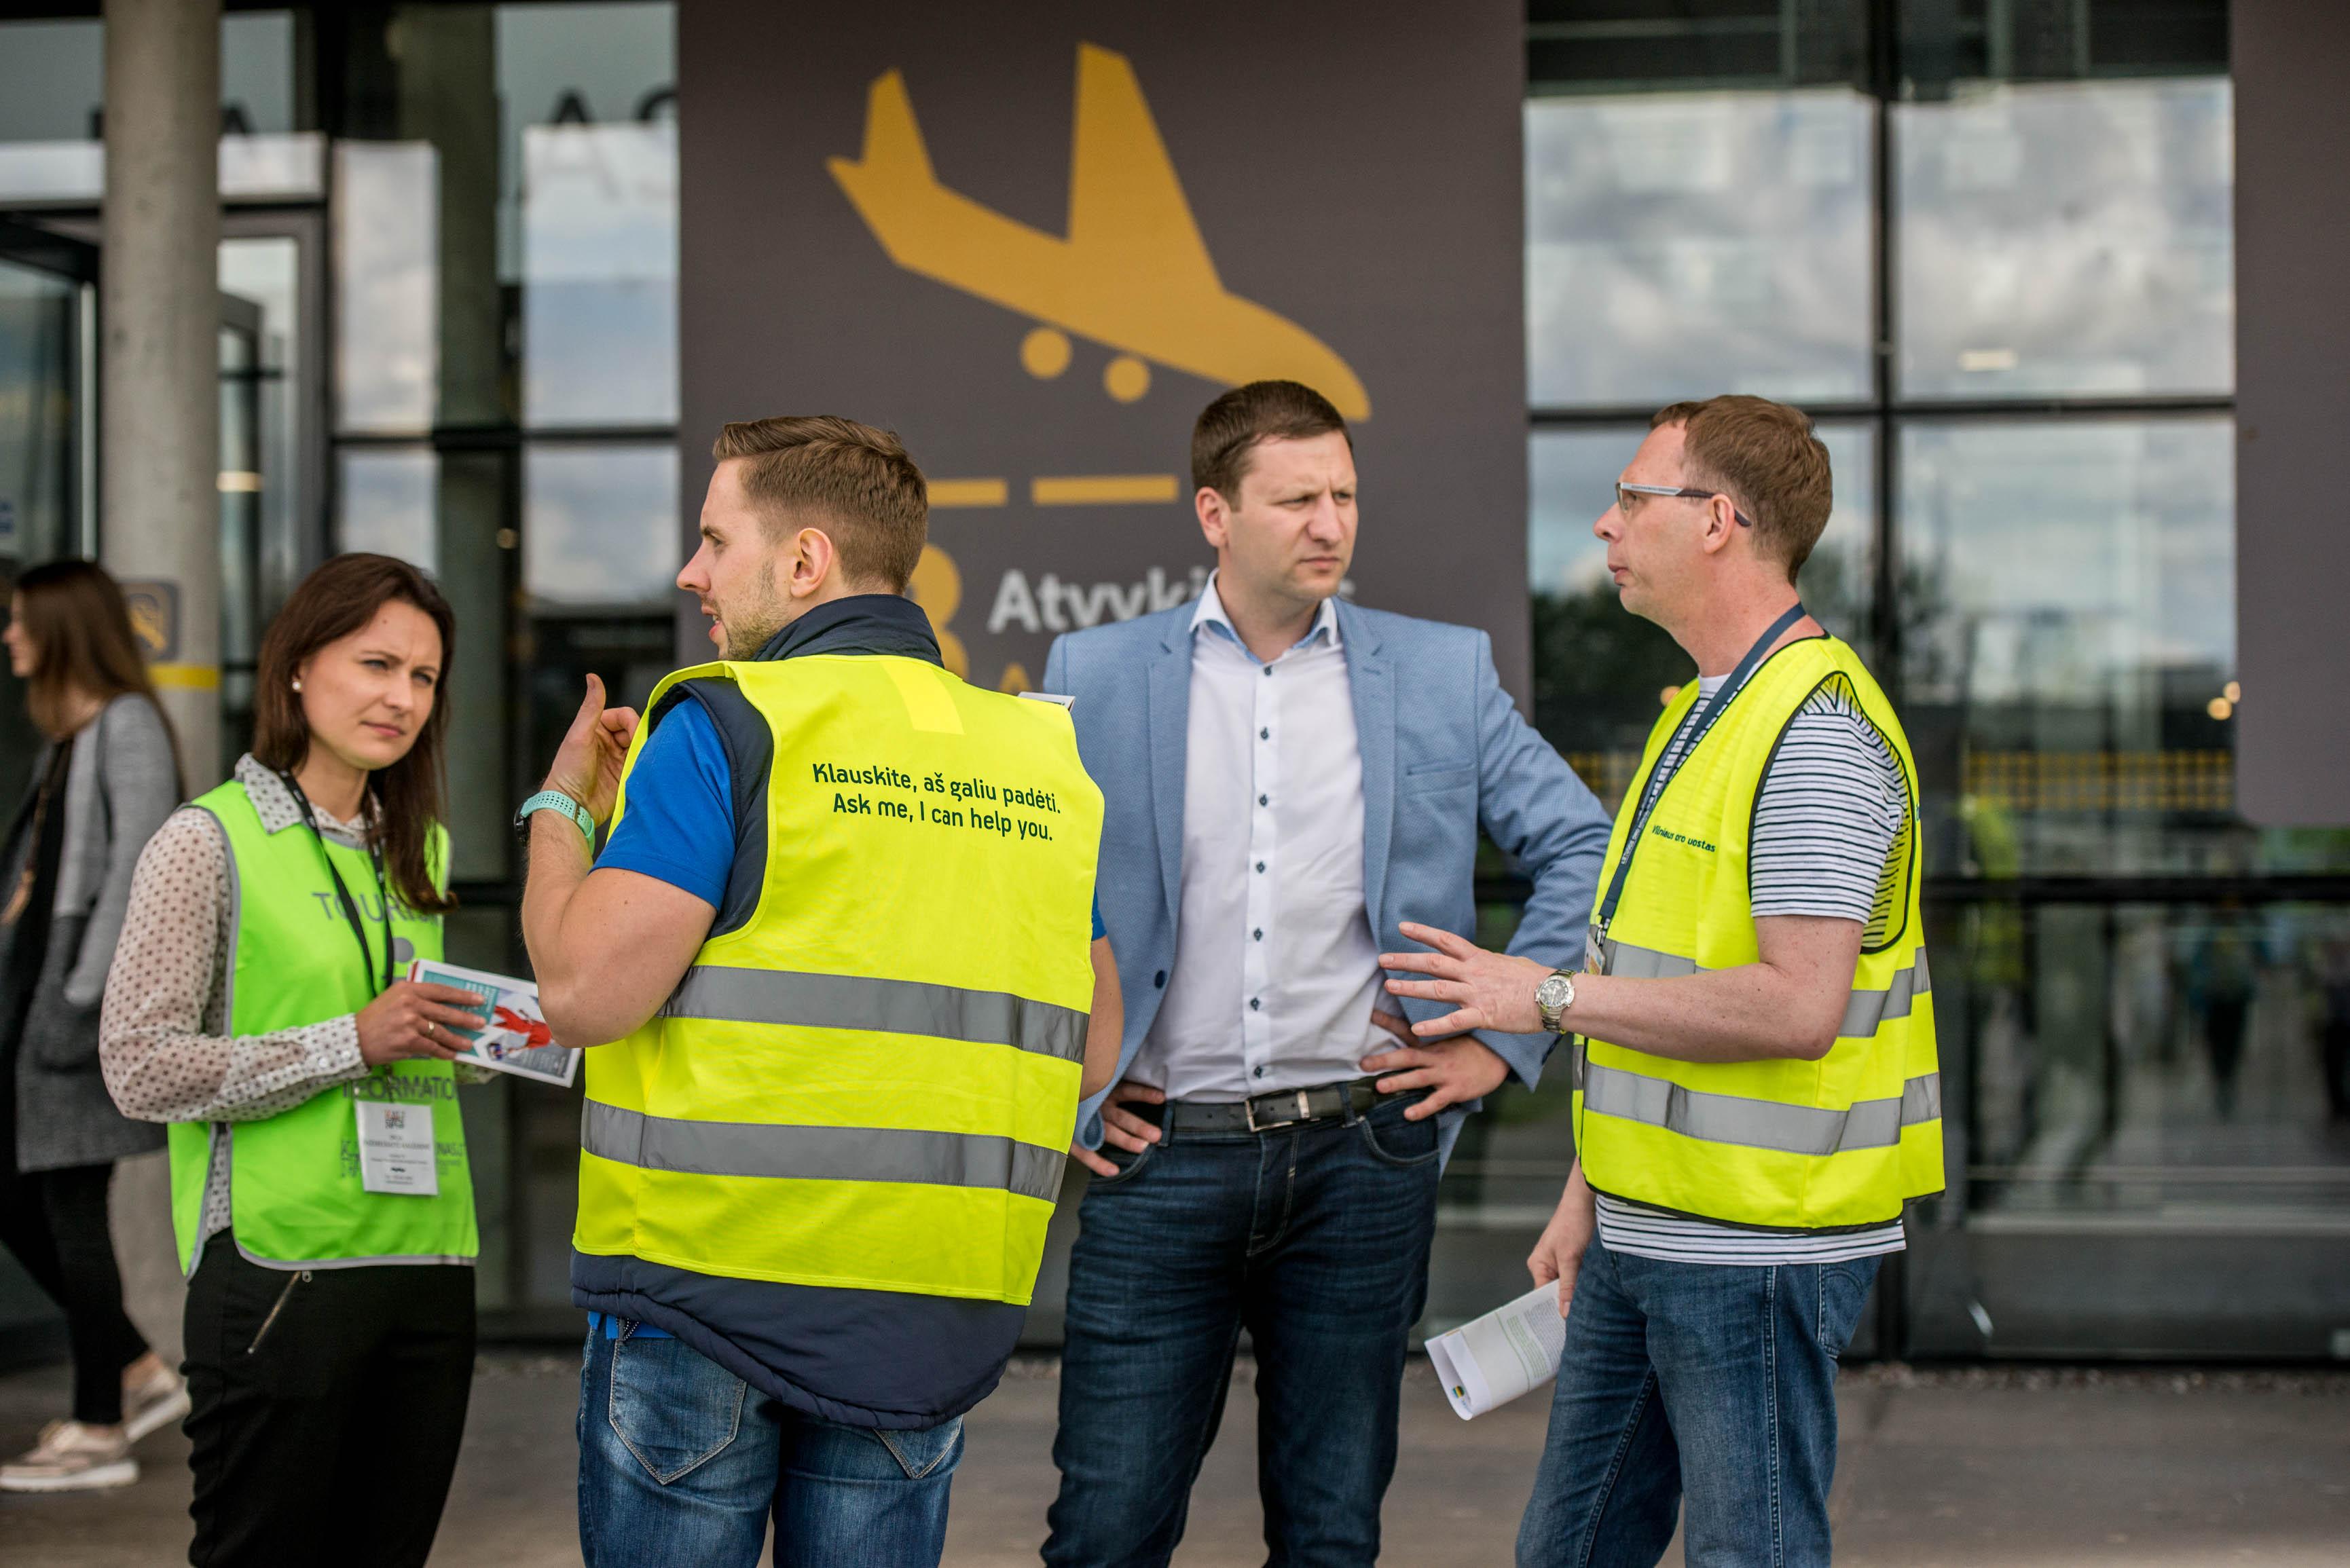 Pagrindiniais šalies oro vartais tapęs Kaunas egzaminą išlaikė sėkmingai